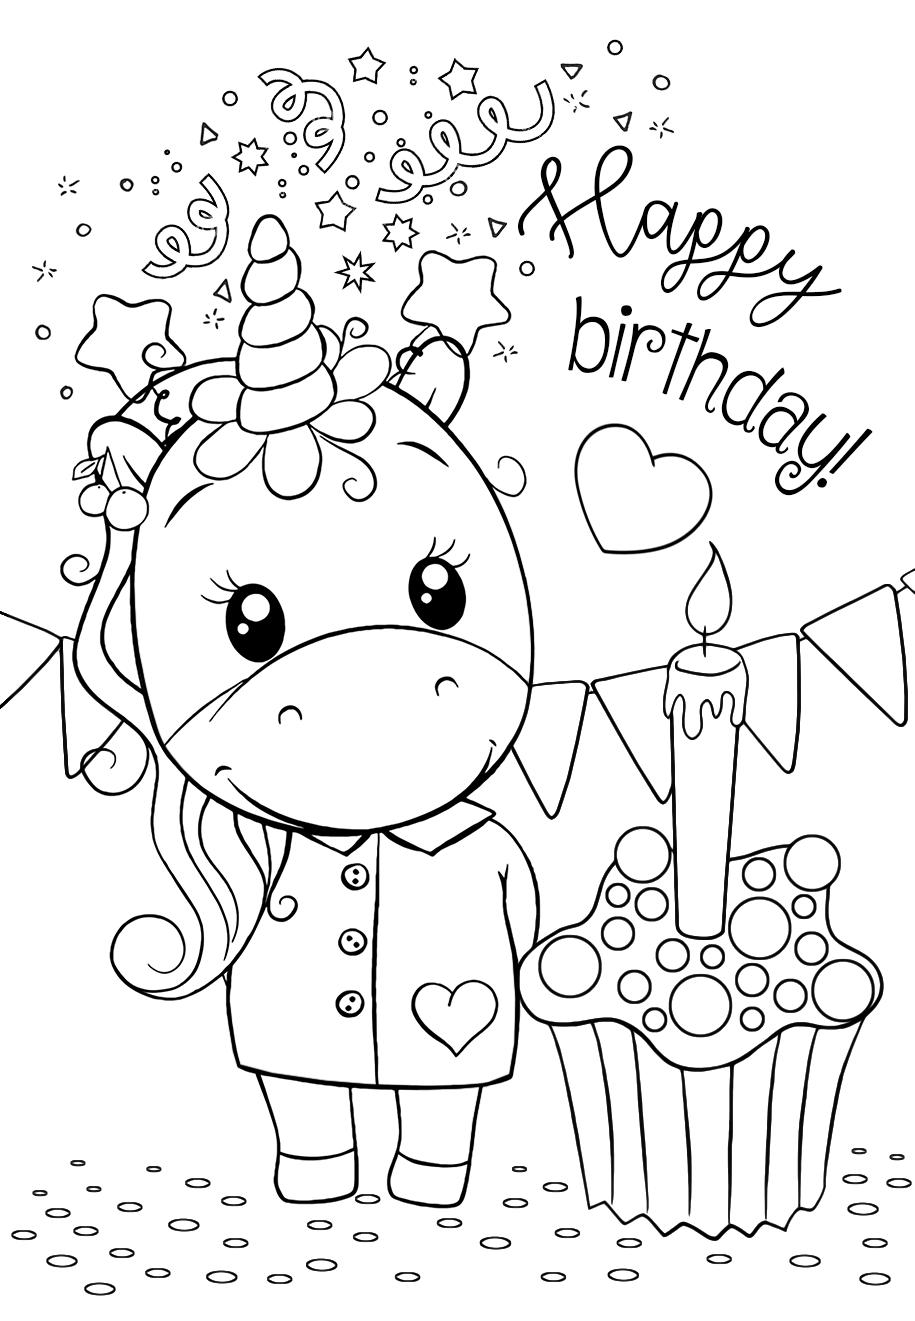 Классные раскраски «Единорог С днем рождения», которые вы ...